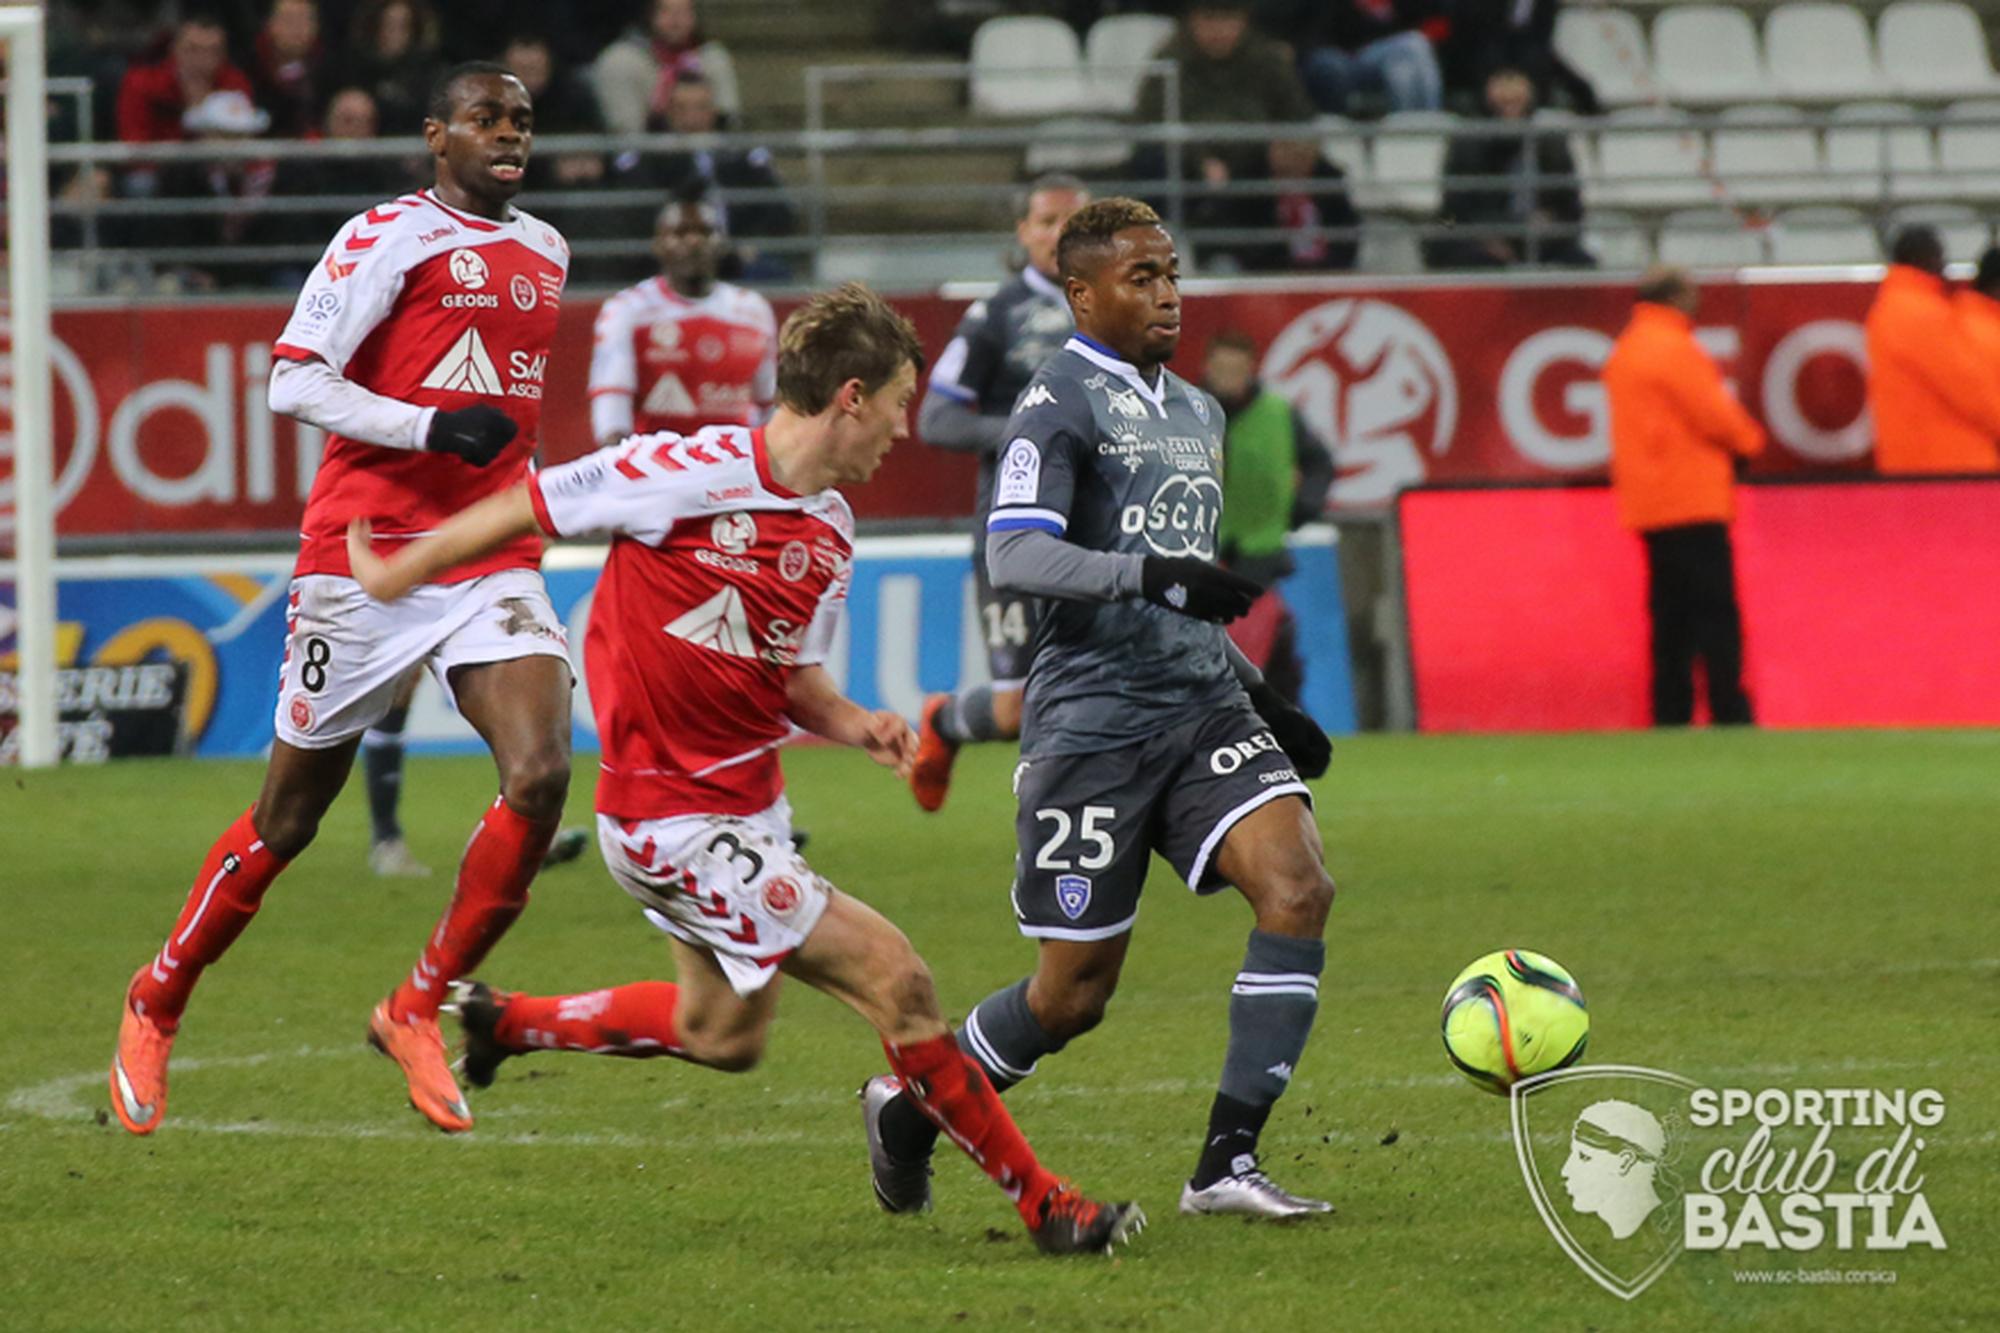 Reims - Bastia